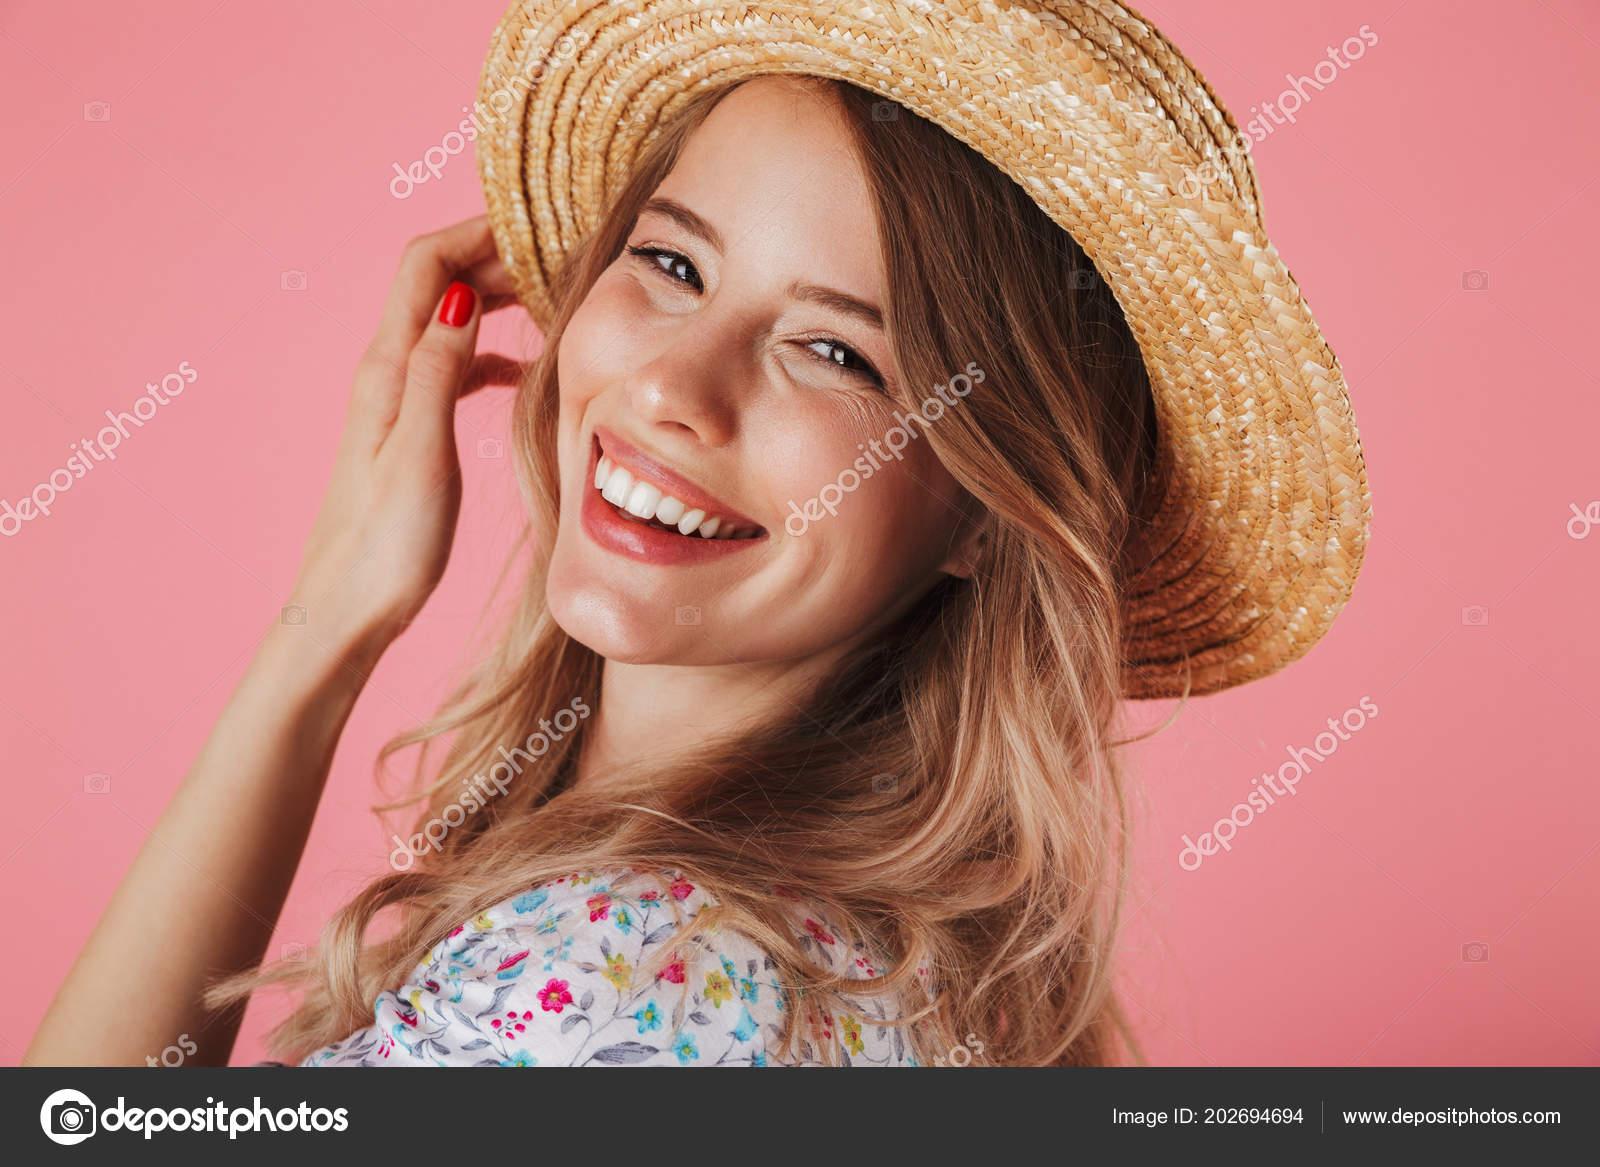 Cerca de retrato de una mujer joven que en verano vestido y sombrero de  paja posando y mirando a cámara aislada sobre fondo rosa– imagen de stock 6b66df35b52